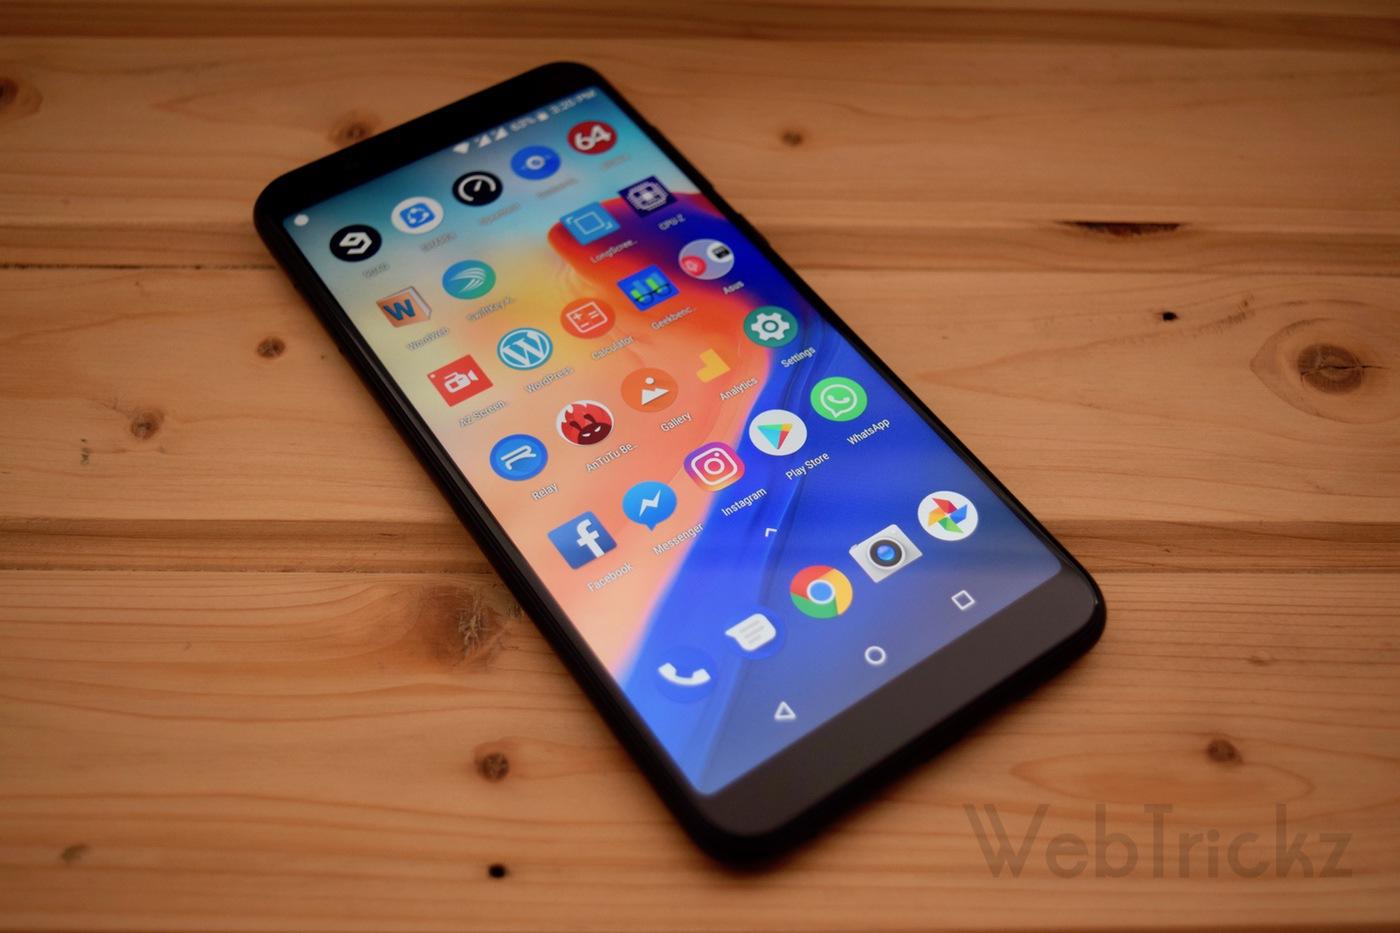 Asus Zenfone Max Pro apps